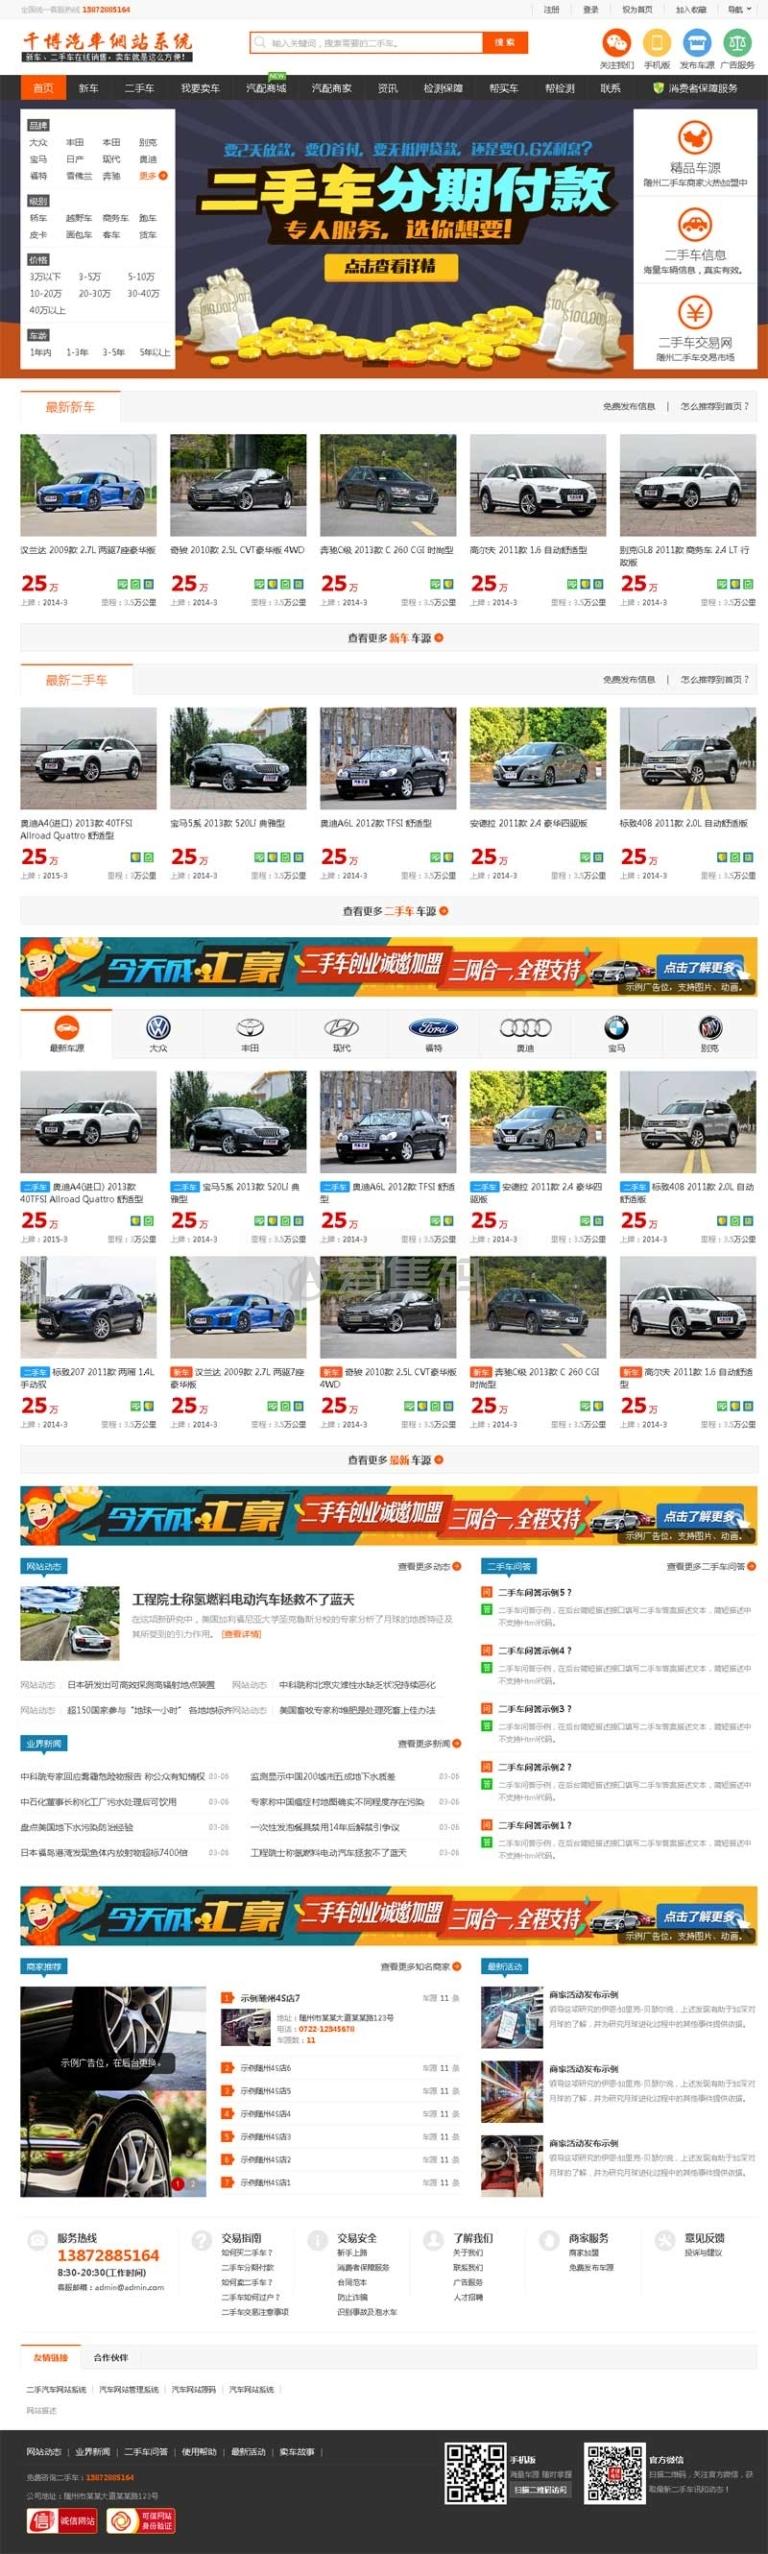 修复版千博二手车网站源码分享